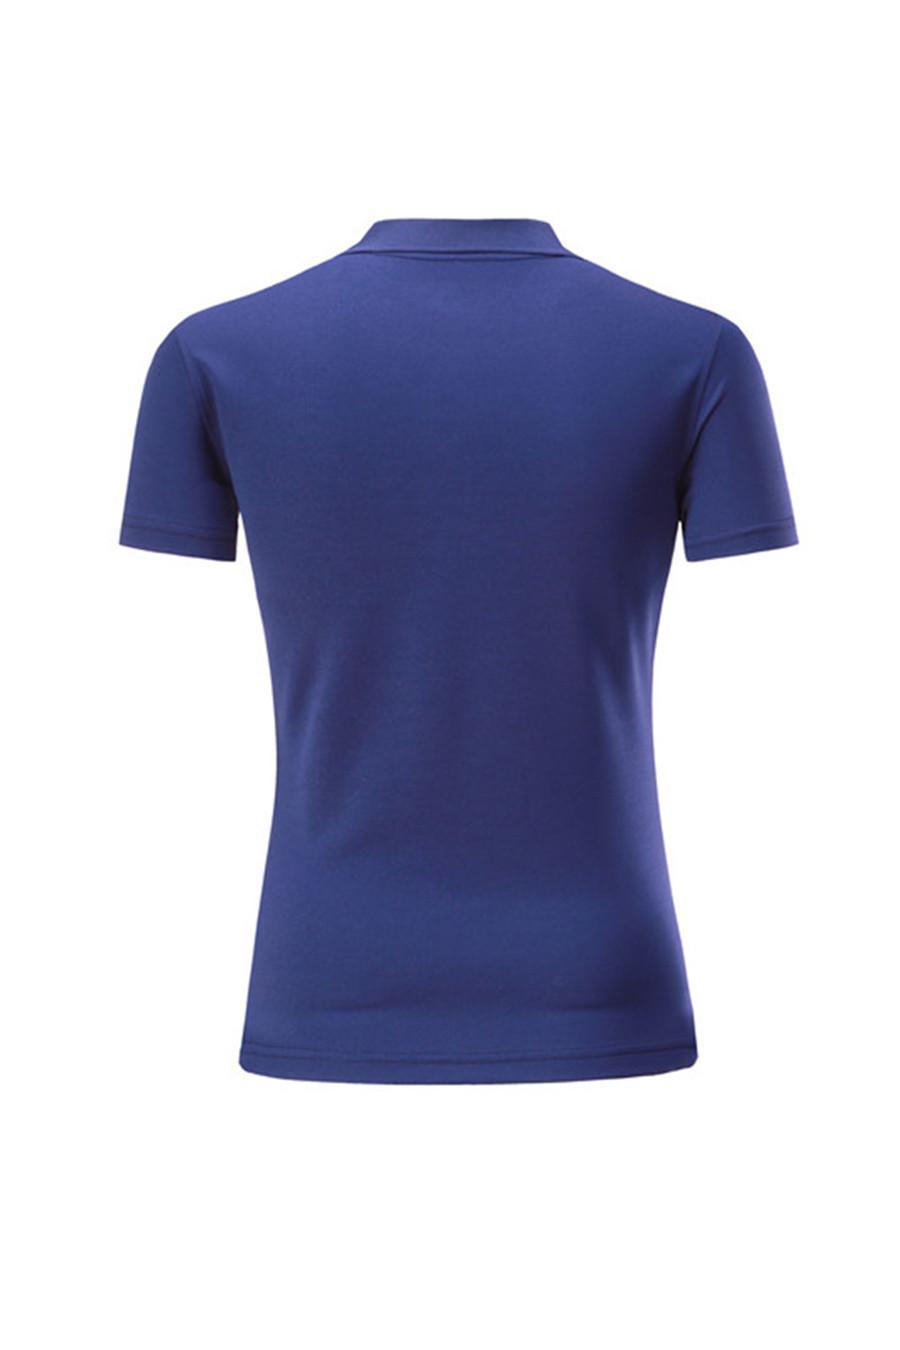 Lastest Men Tennis Jerseys Venda Quente Vestuário Ao Ar Livre Tênis Vestido de Alta Qualidade 19654654